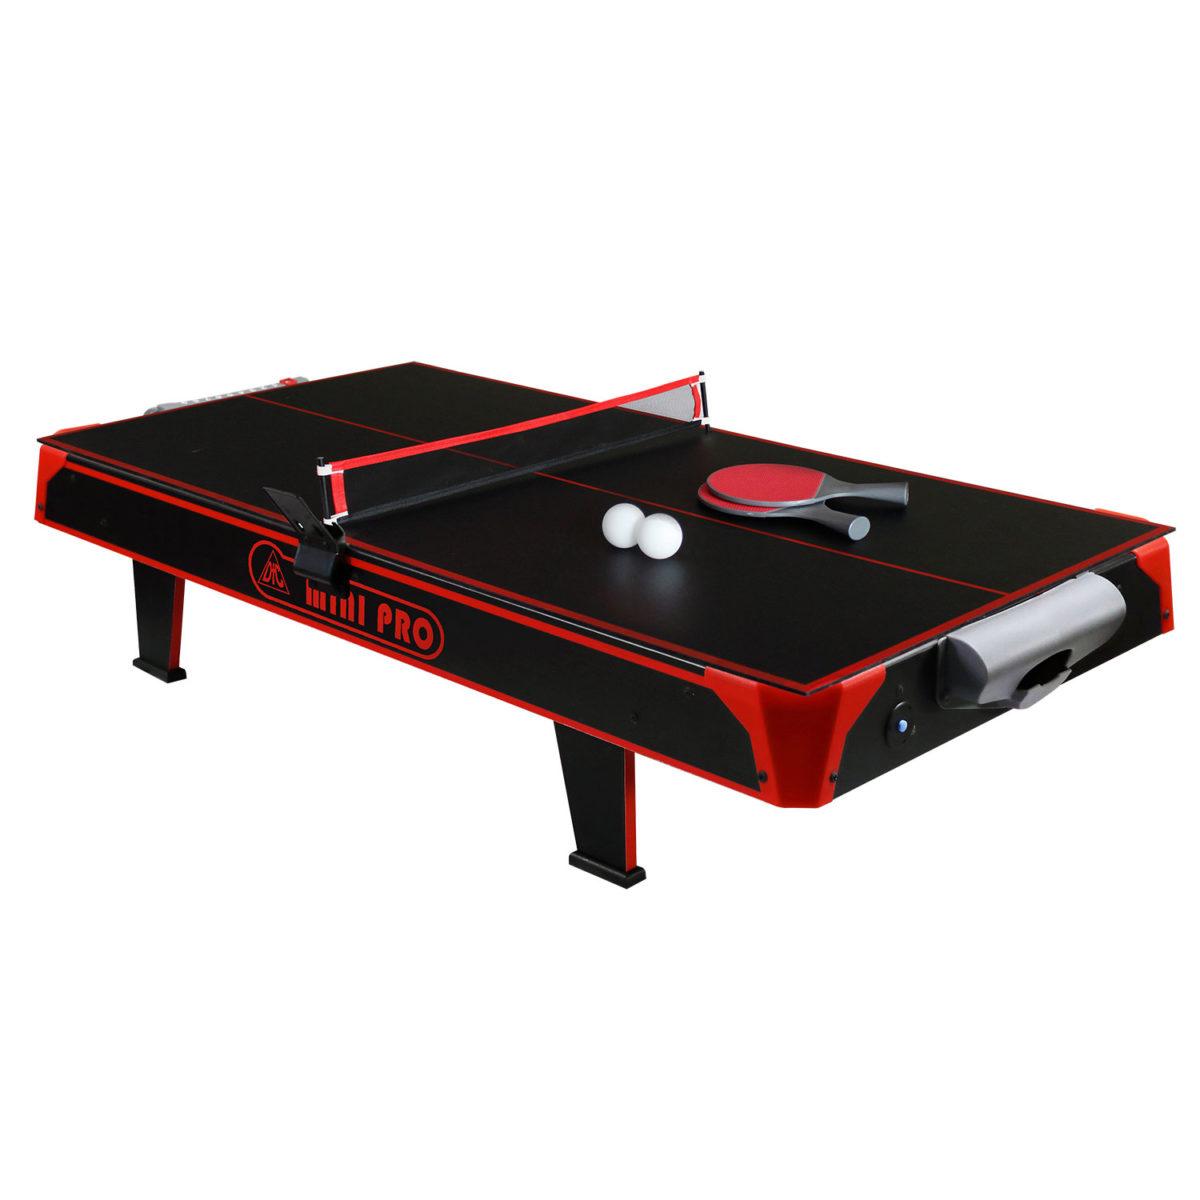 """DFC MINI PRO 44"""" Игровой стол - аэрохоккей  JG-AT-14401 - 2"""